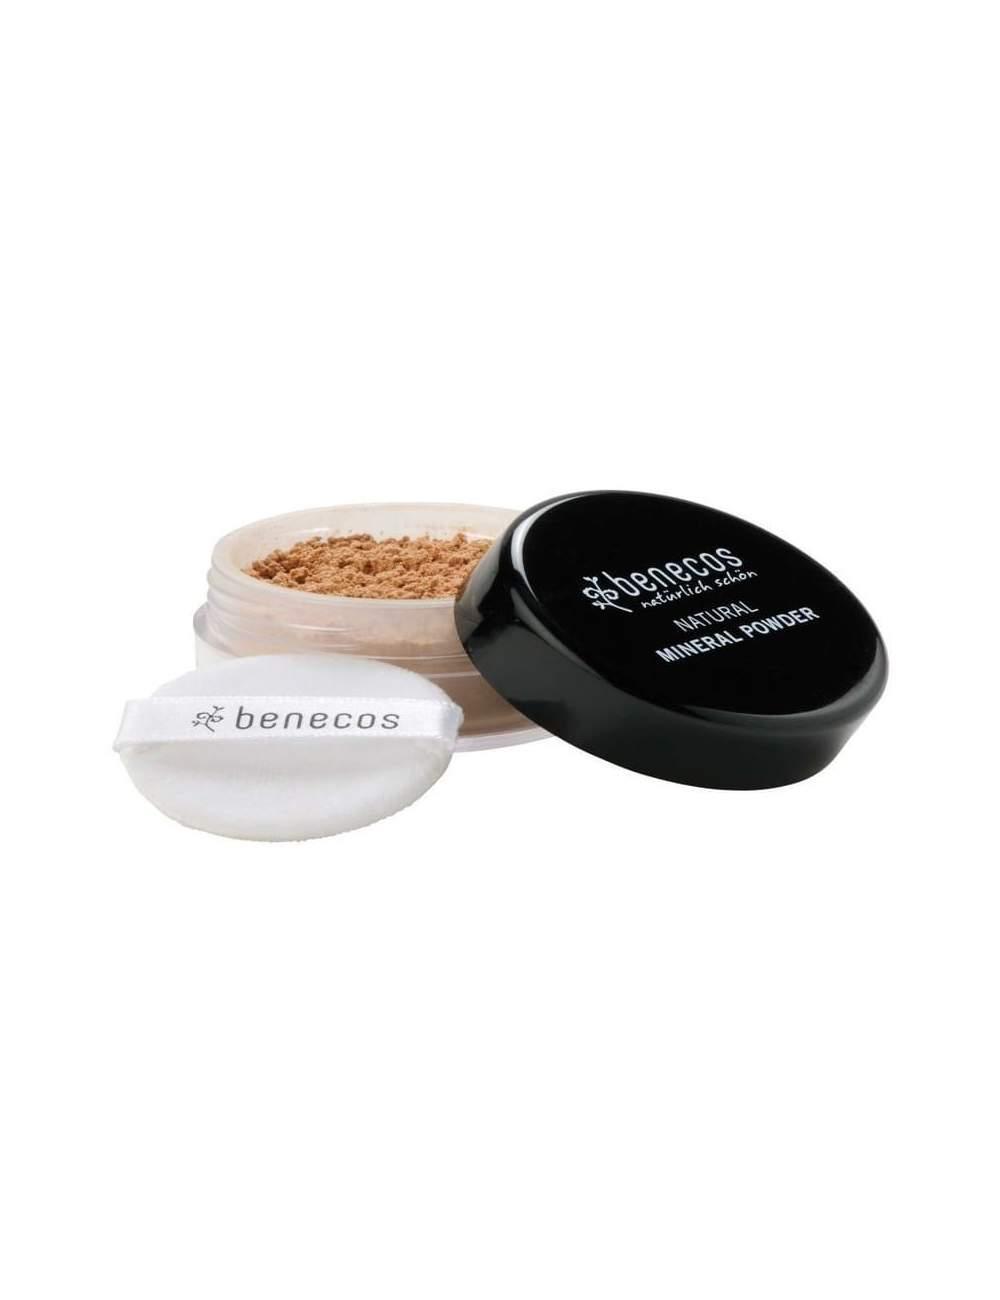 Maquillaje en Polvos Minerales sueltos Golden Hazelnut. Benecos